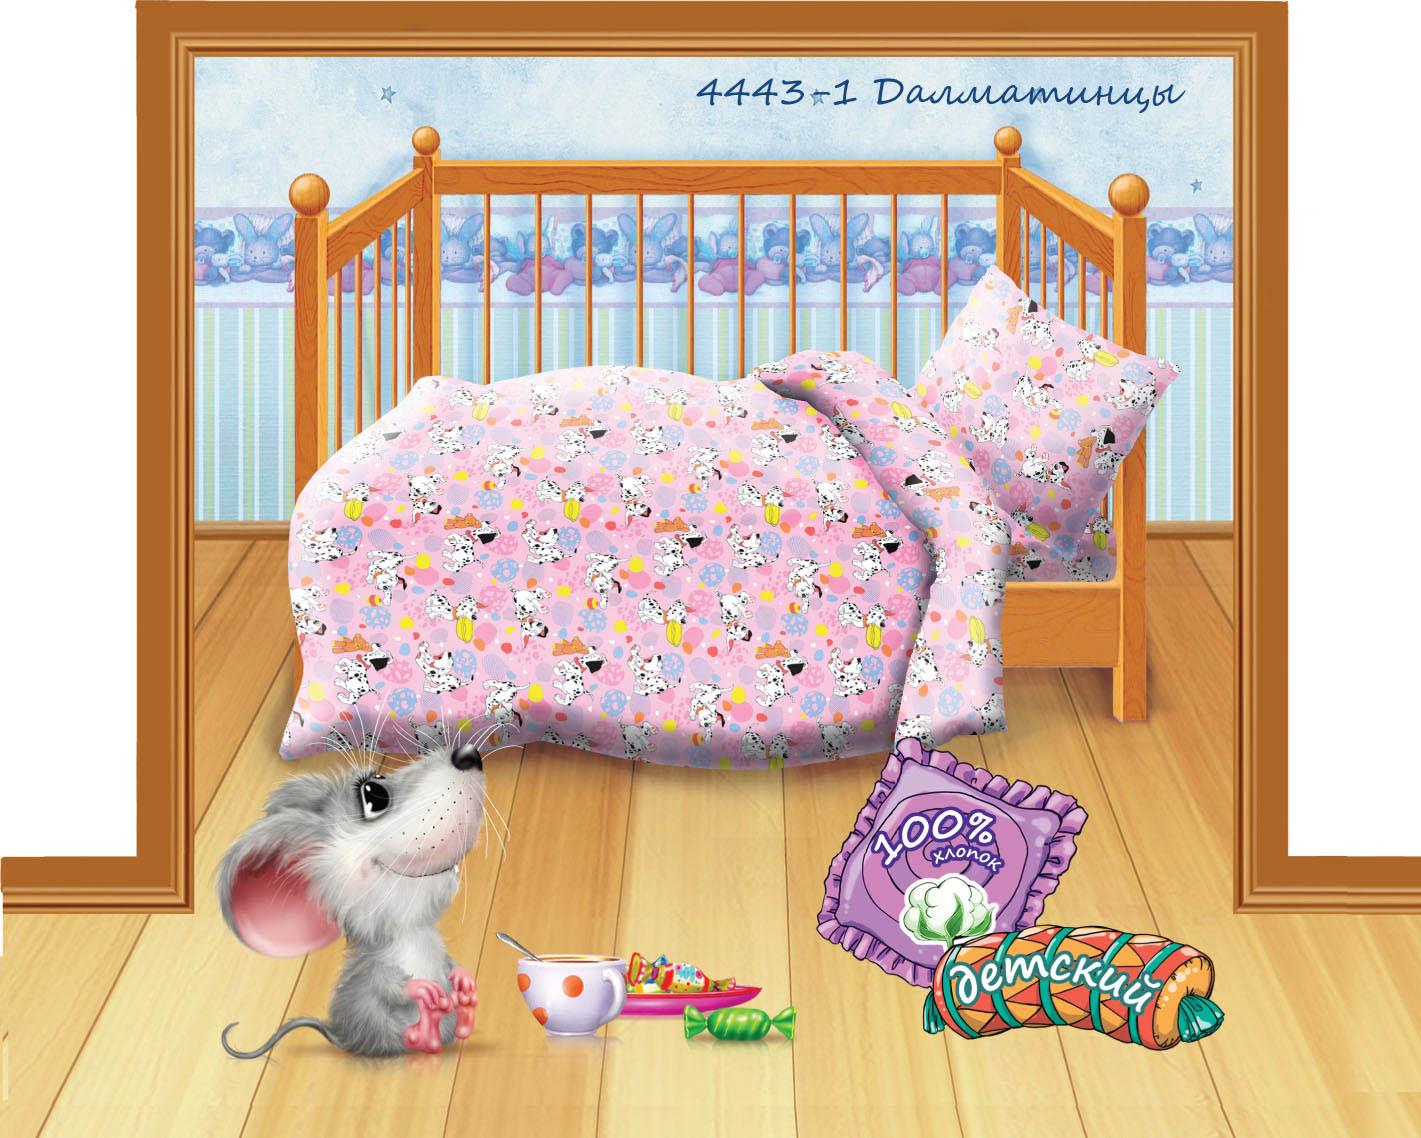 Детское Постельное белье Кошки-Мышки Детское Постельное белье Далматинцы (112х147 см) детское постельное